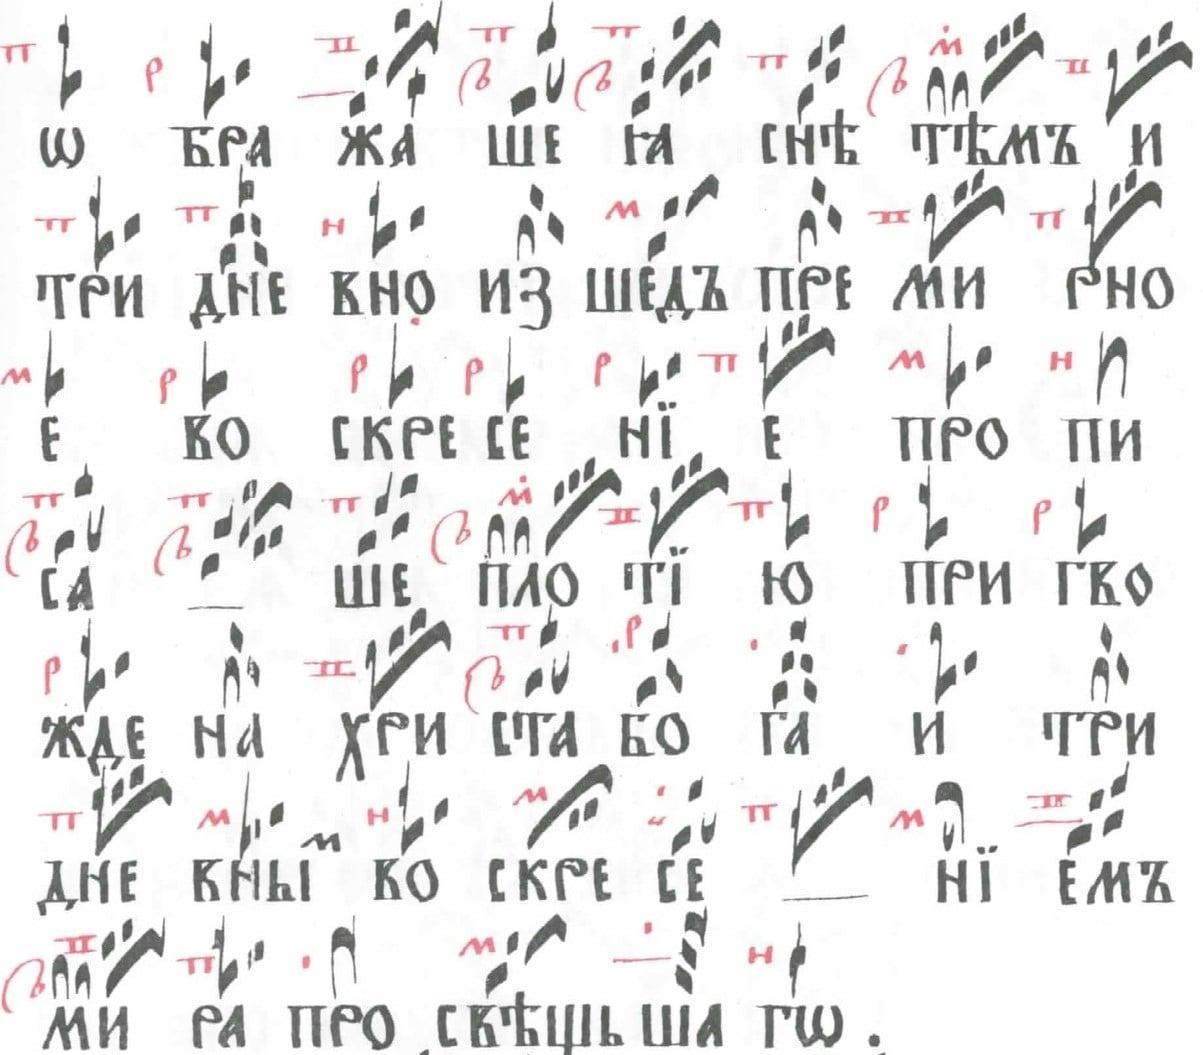 irmos-vozdvizheniyu-6-pesn-1-min